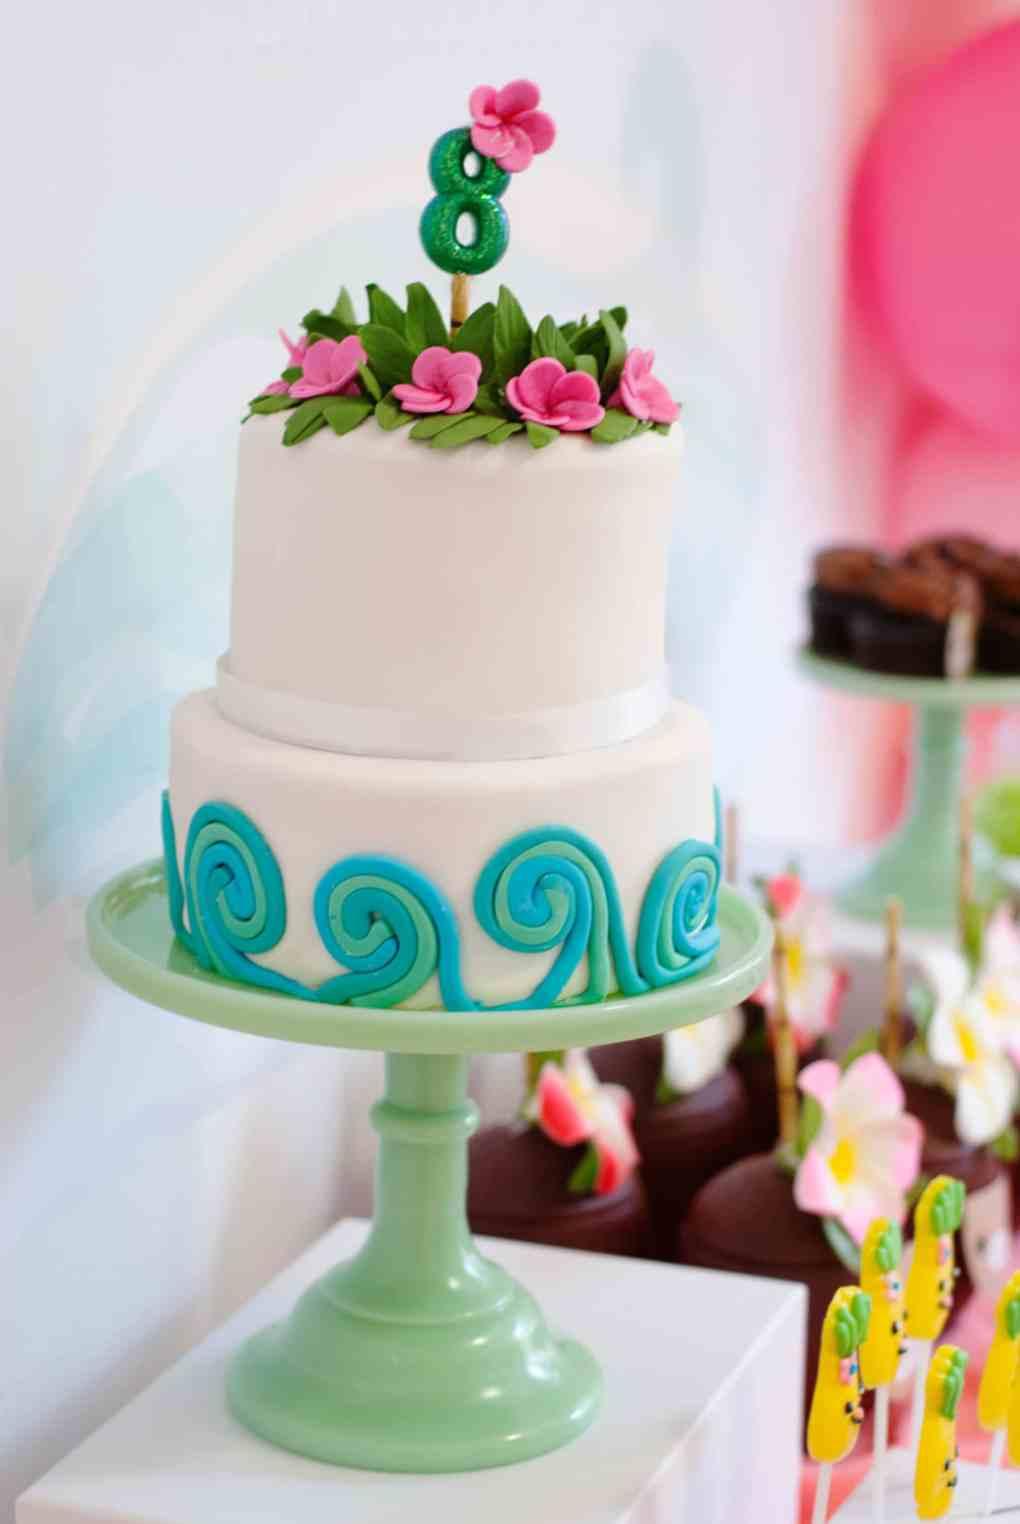 Moana Birthday Party Ideas Cake - Project Nursery